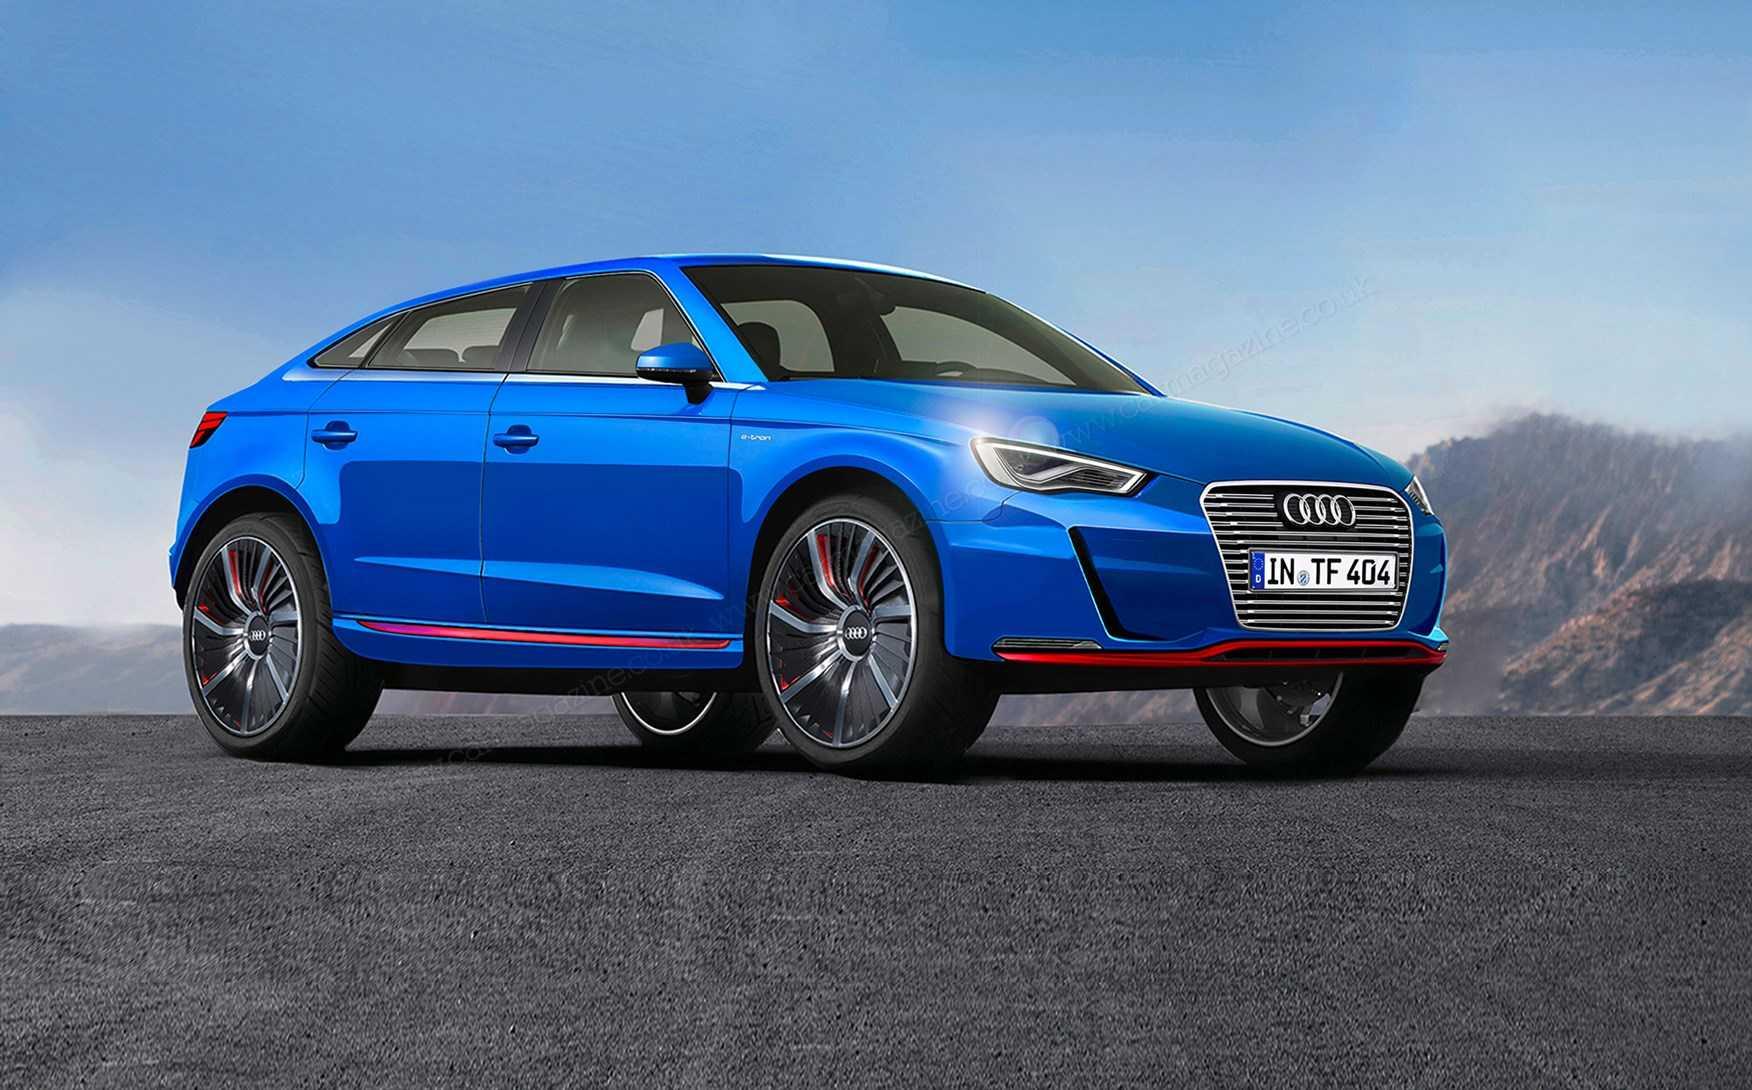 2018 Audi E Tron Vs Porsche Mission E Which Concept Has